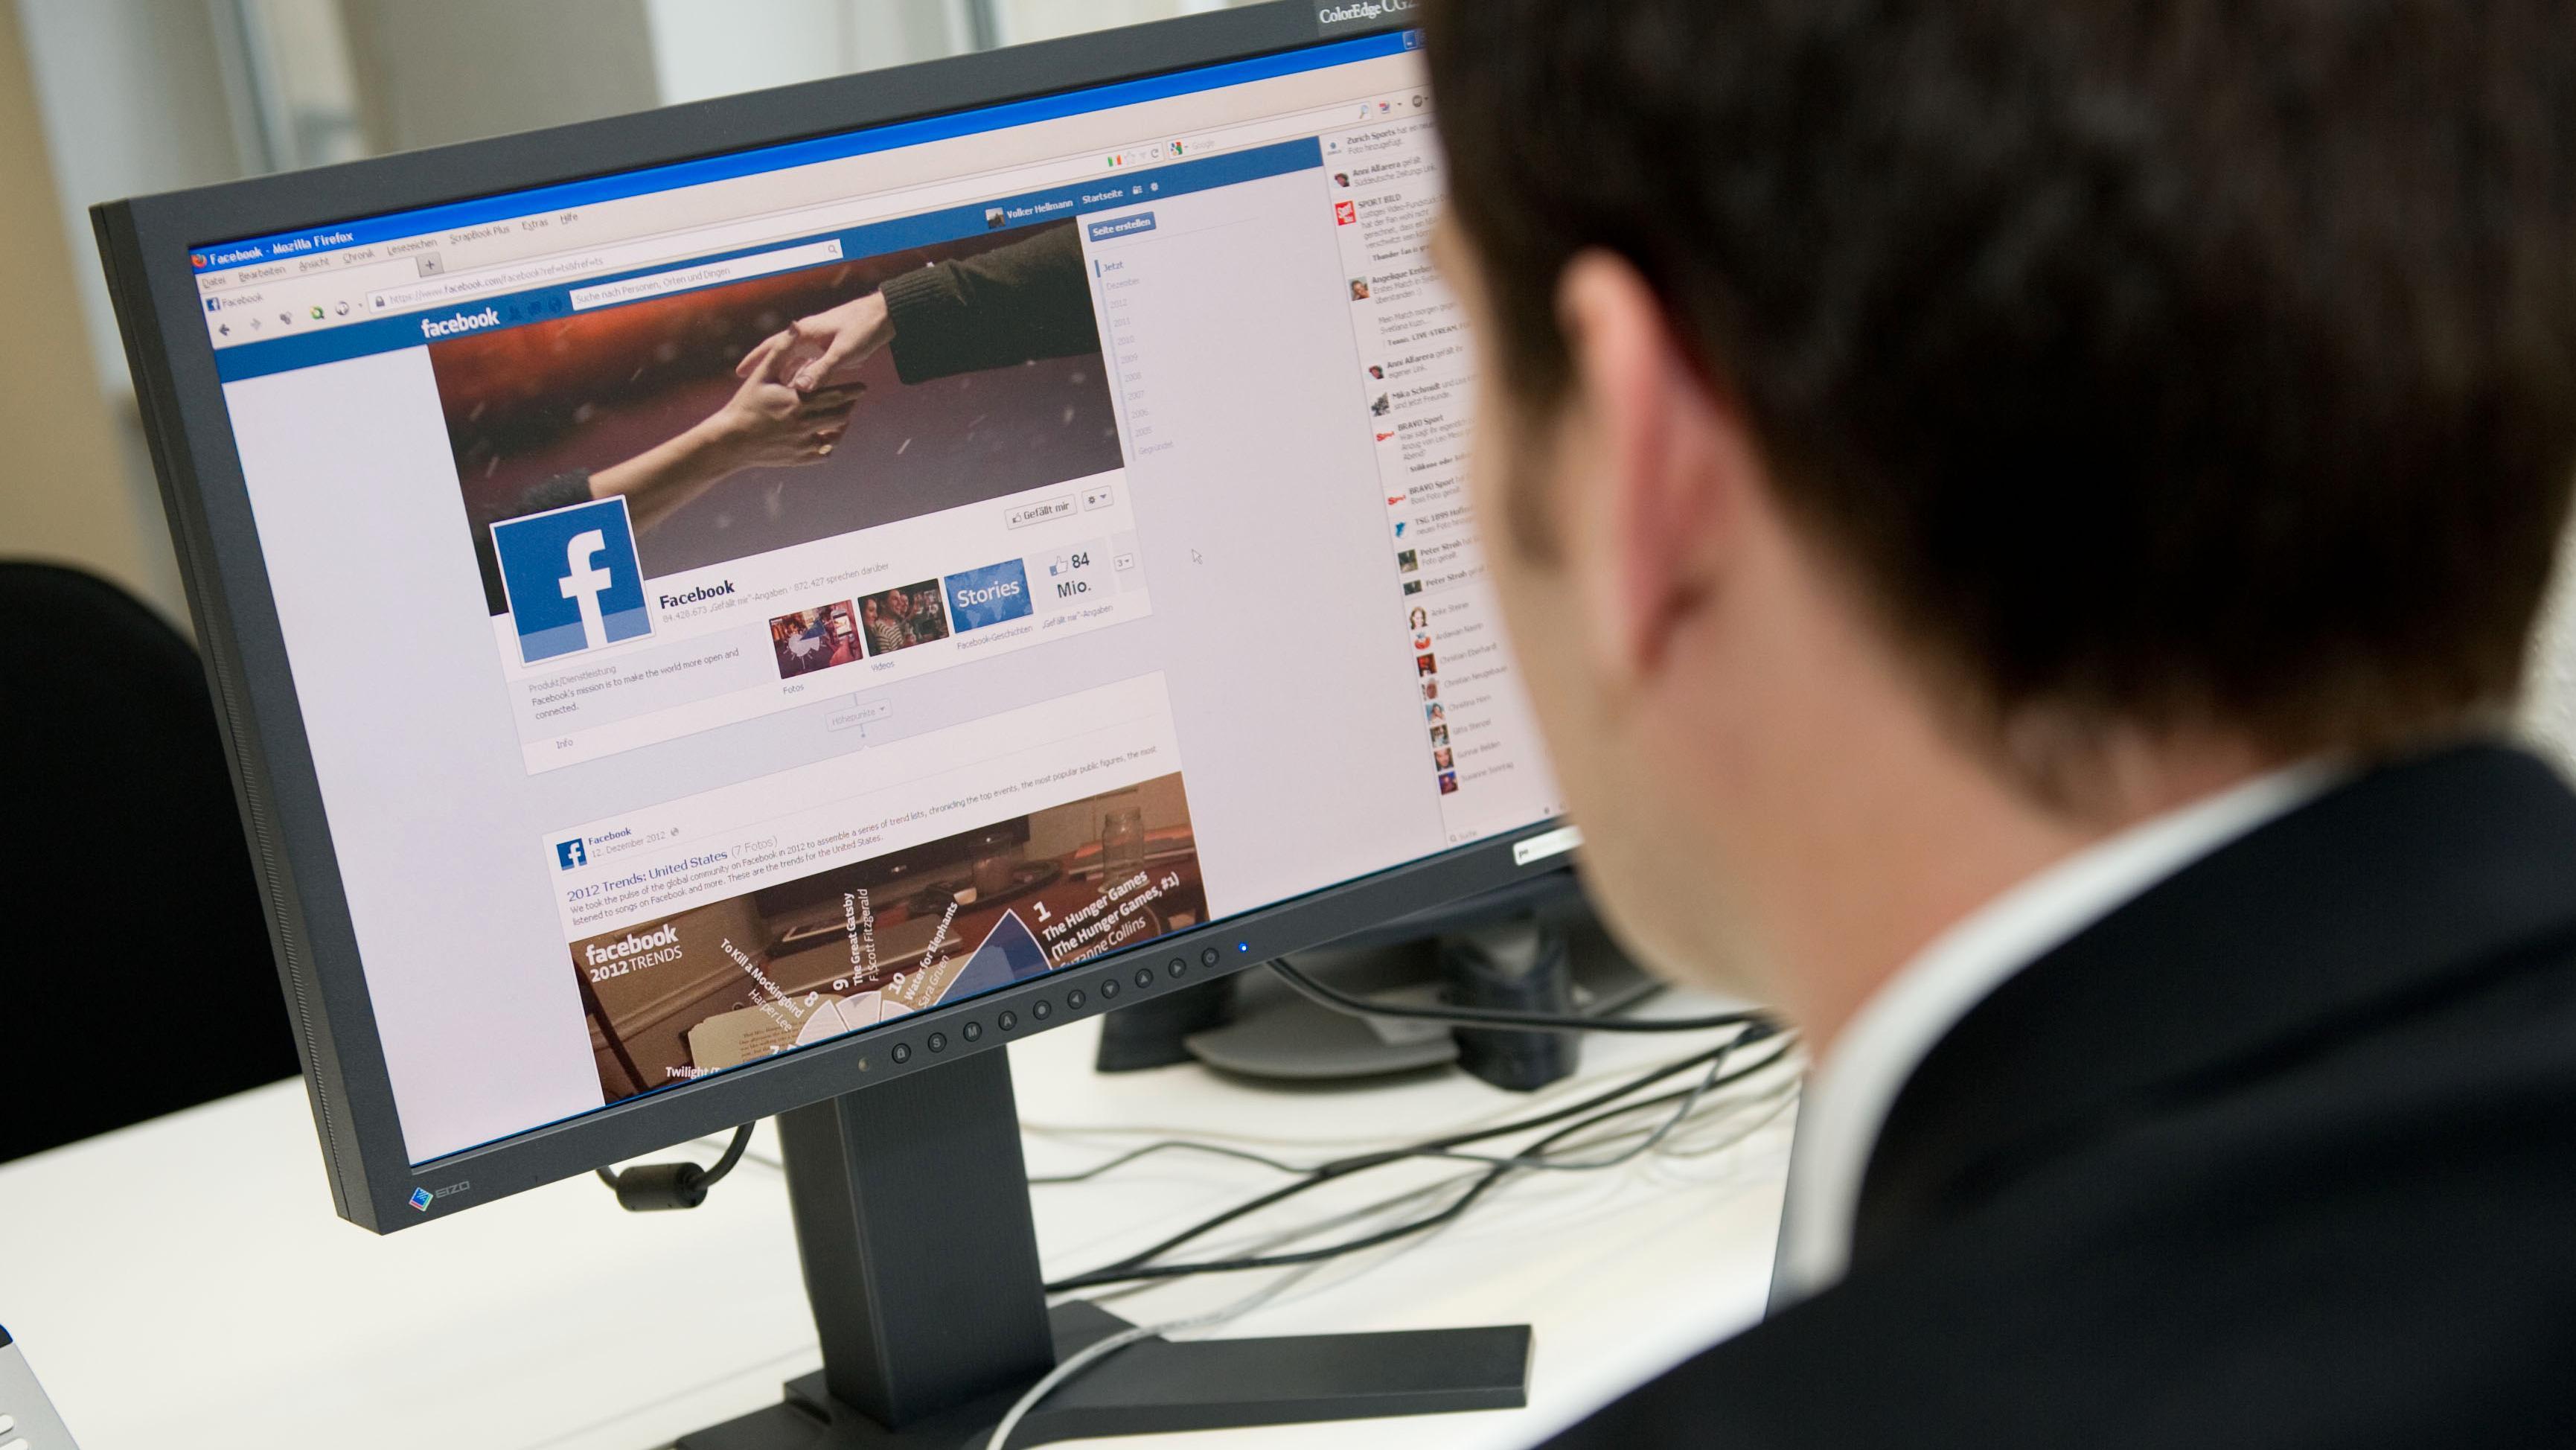 Sosiale medier får langt flere visninger enn de fleste andre kanaler, og presser dermed ned prisen på annonsevisninger for alle.Foto: Jan Haas / NTB scanpix